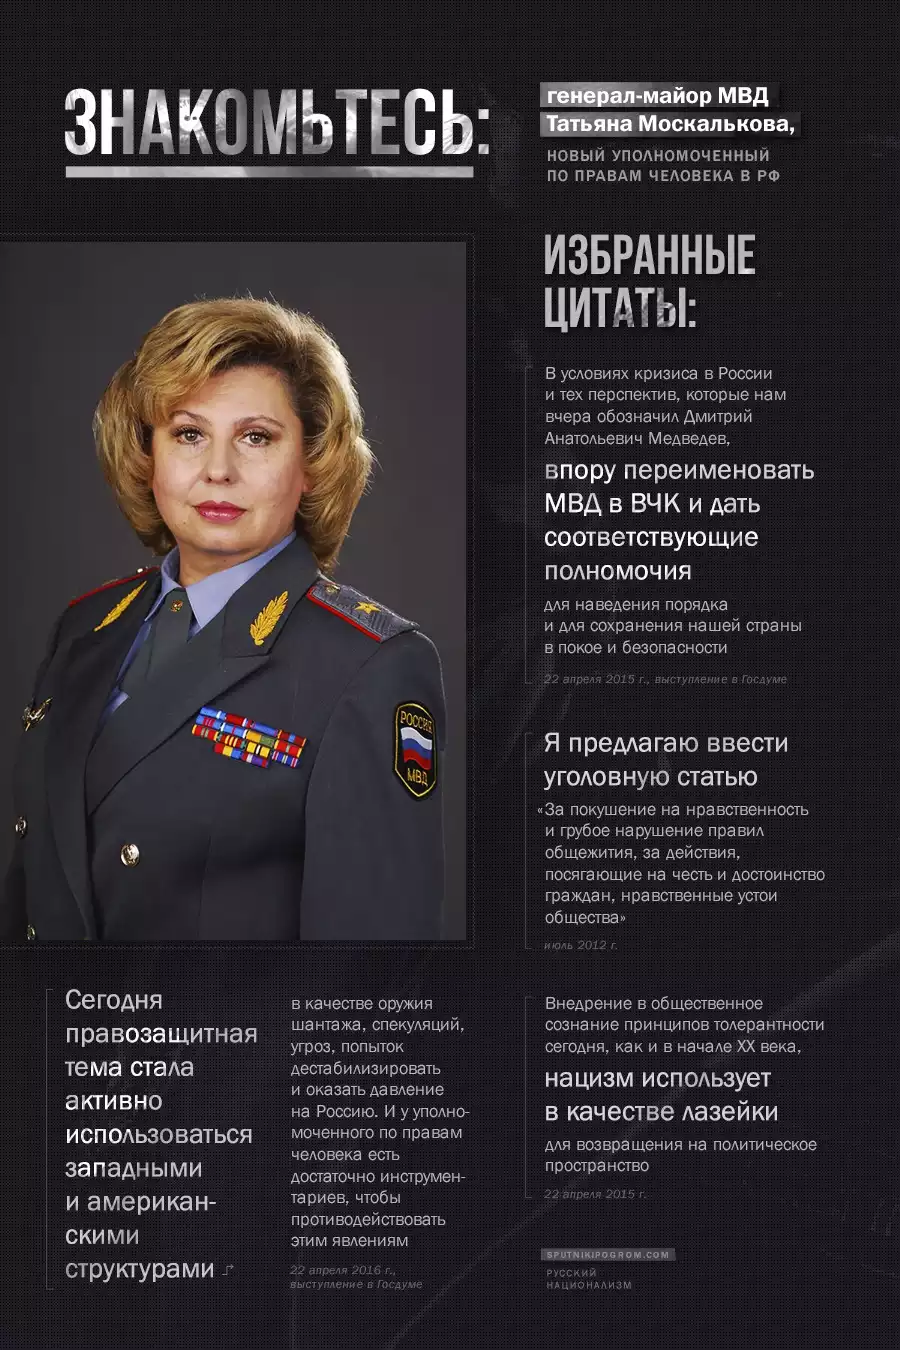 Москалькова.0